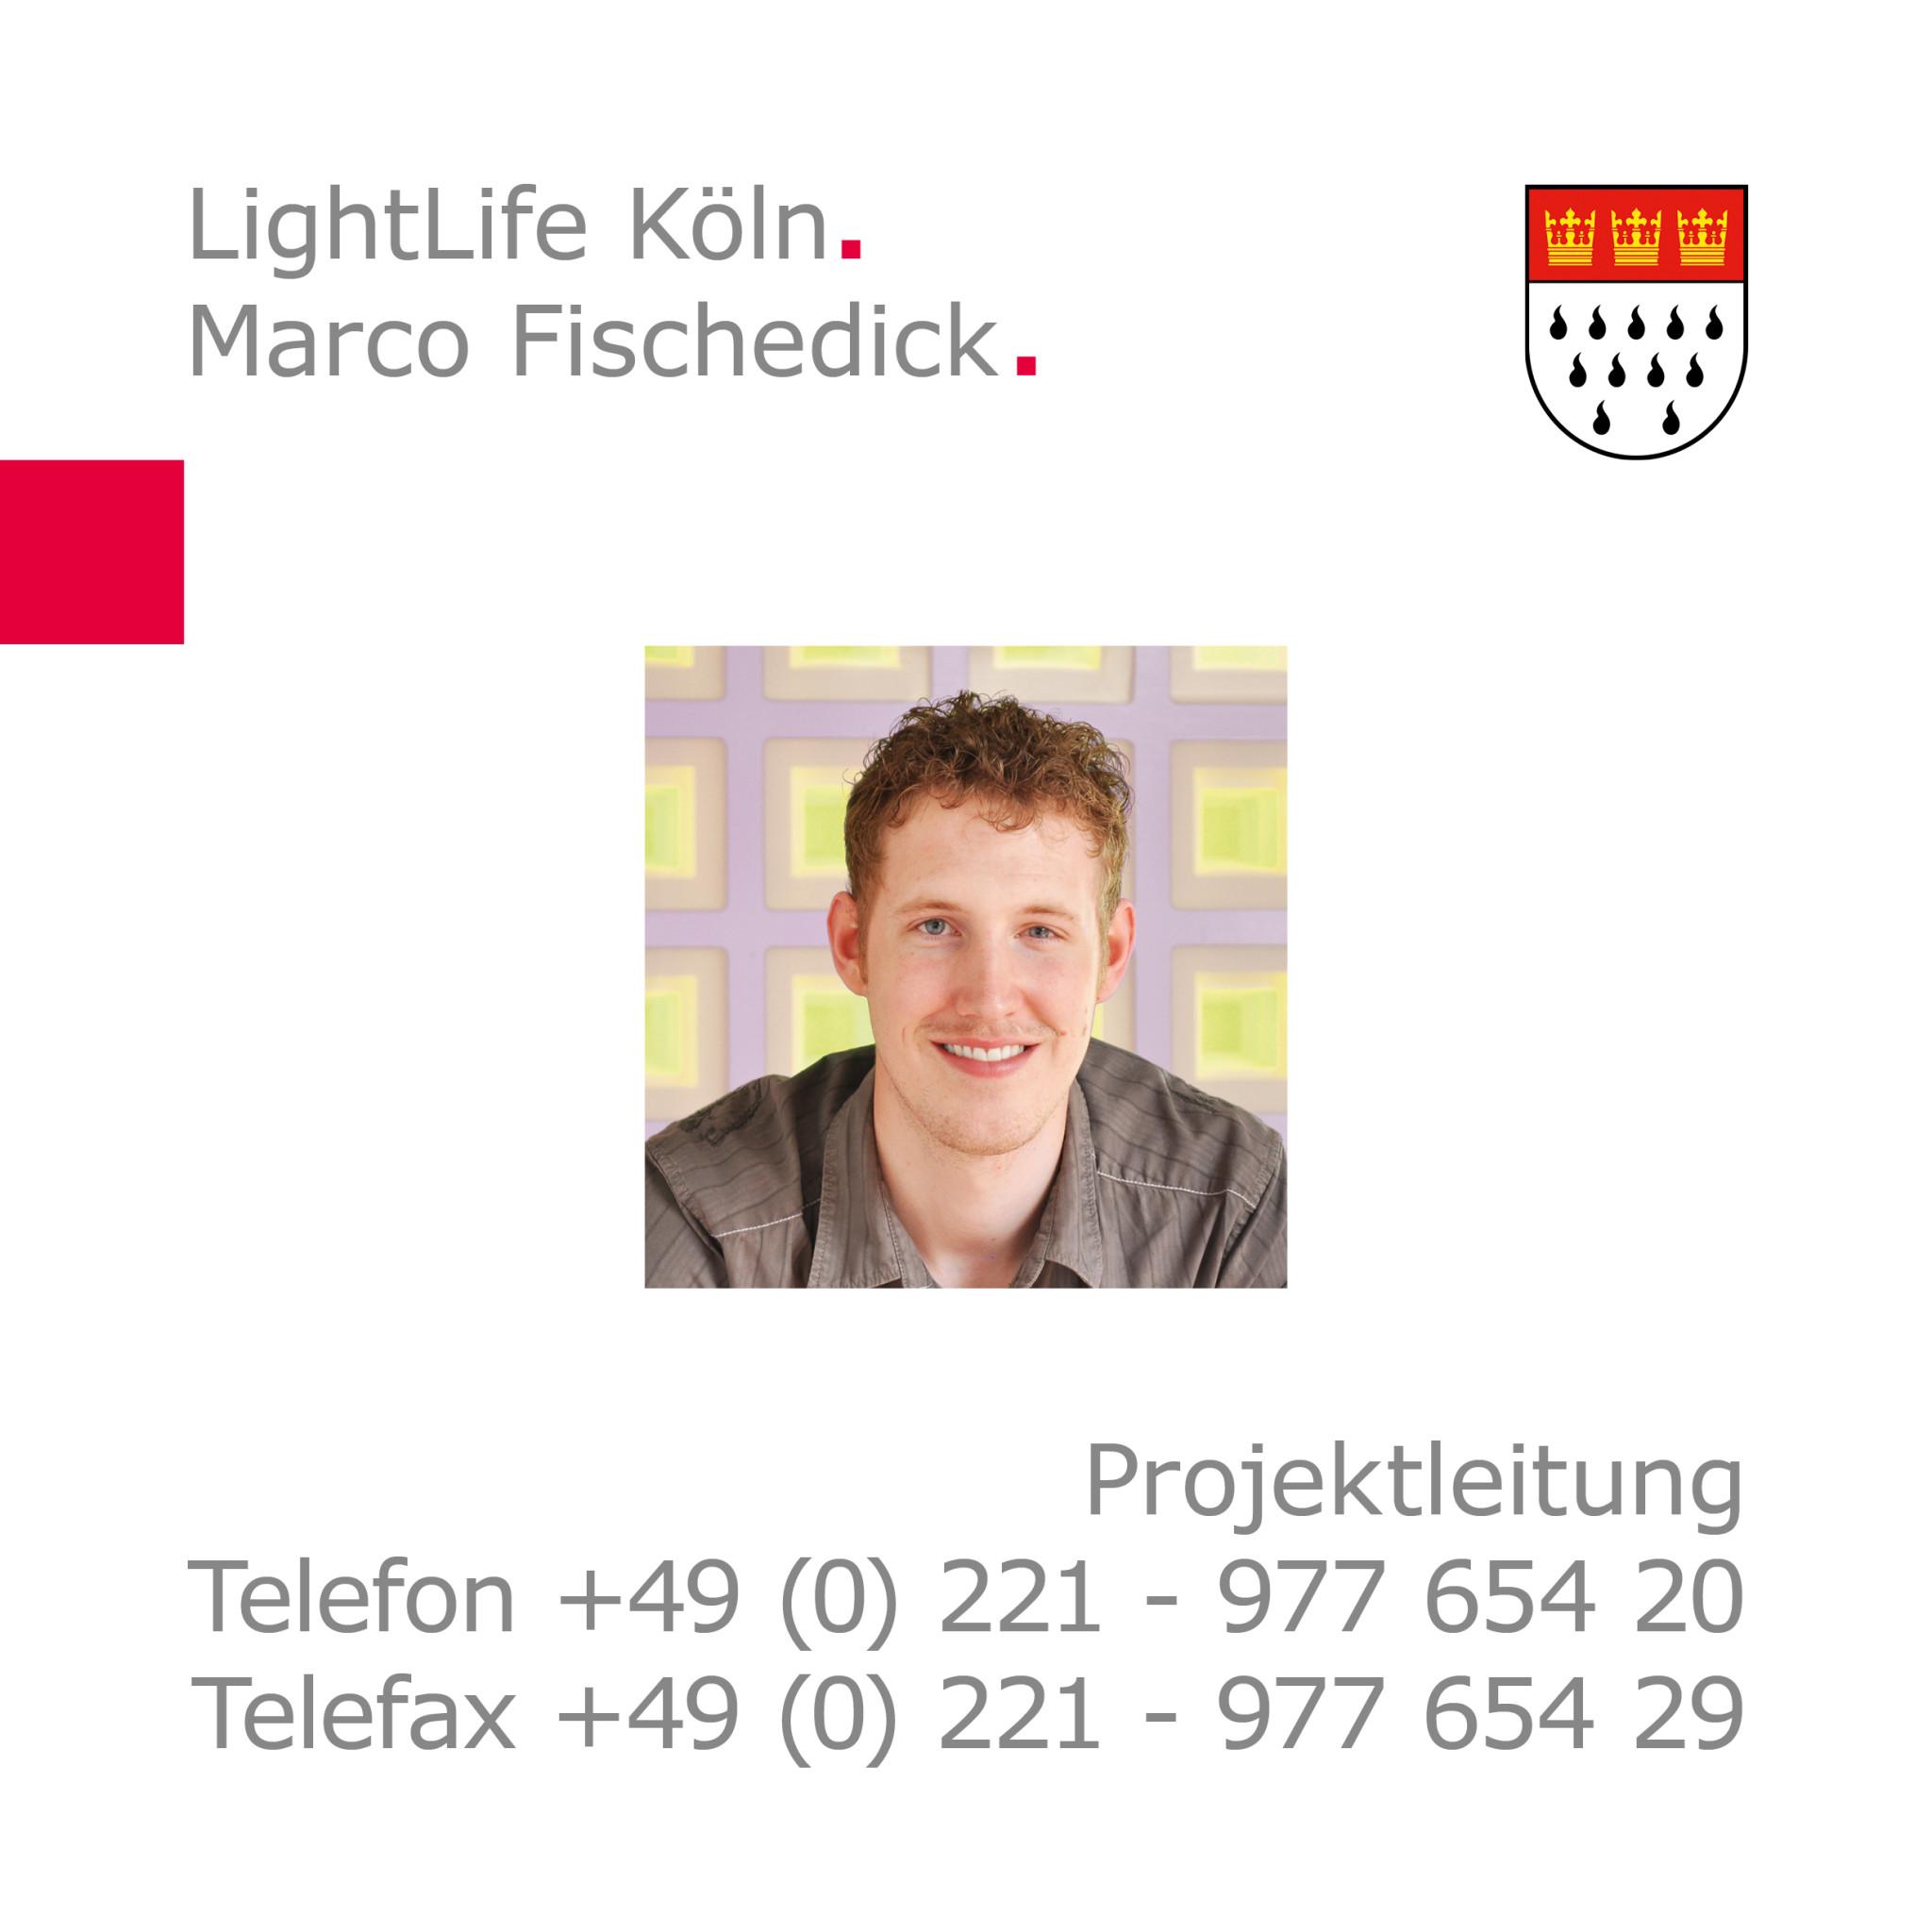 Marco Fischedick